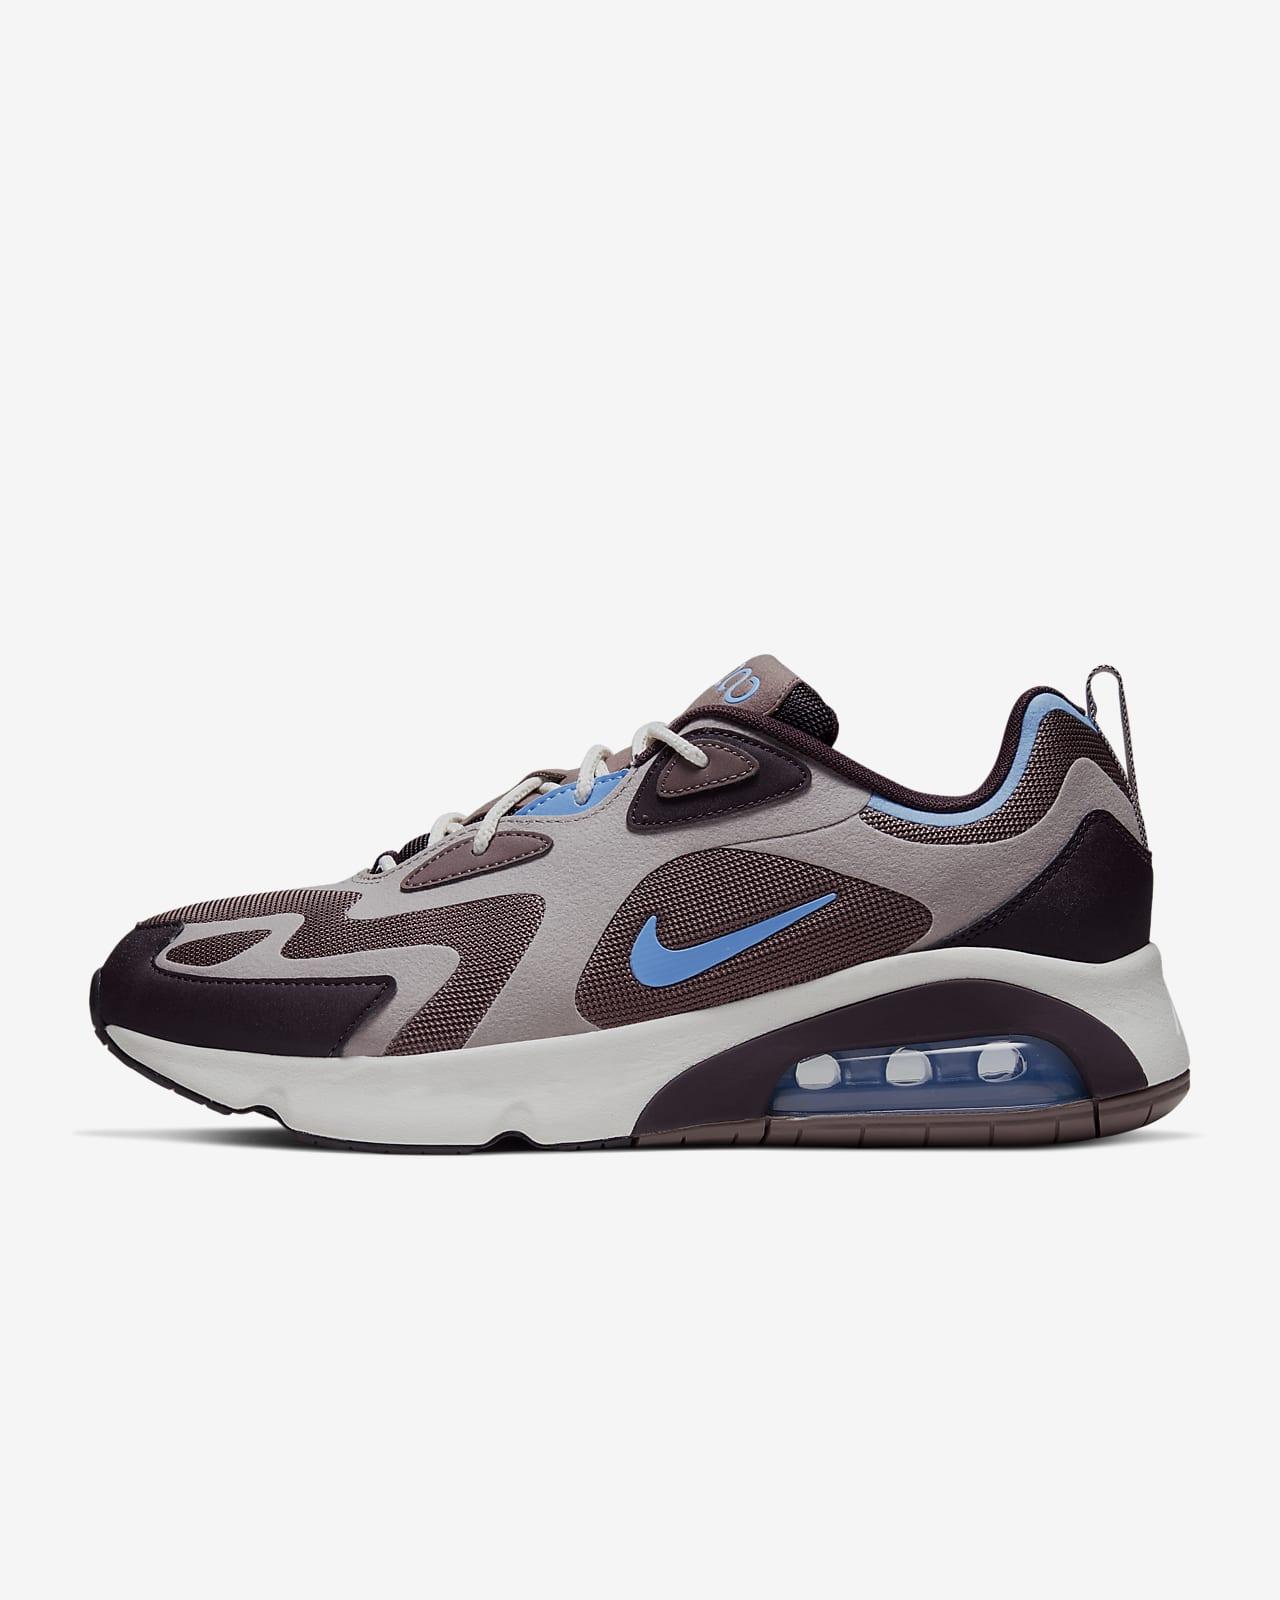 chaussure nike homme air max 200